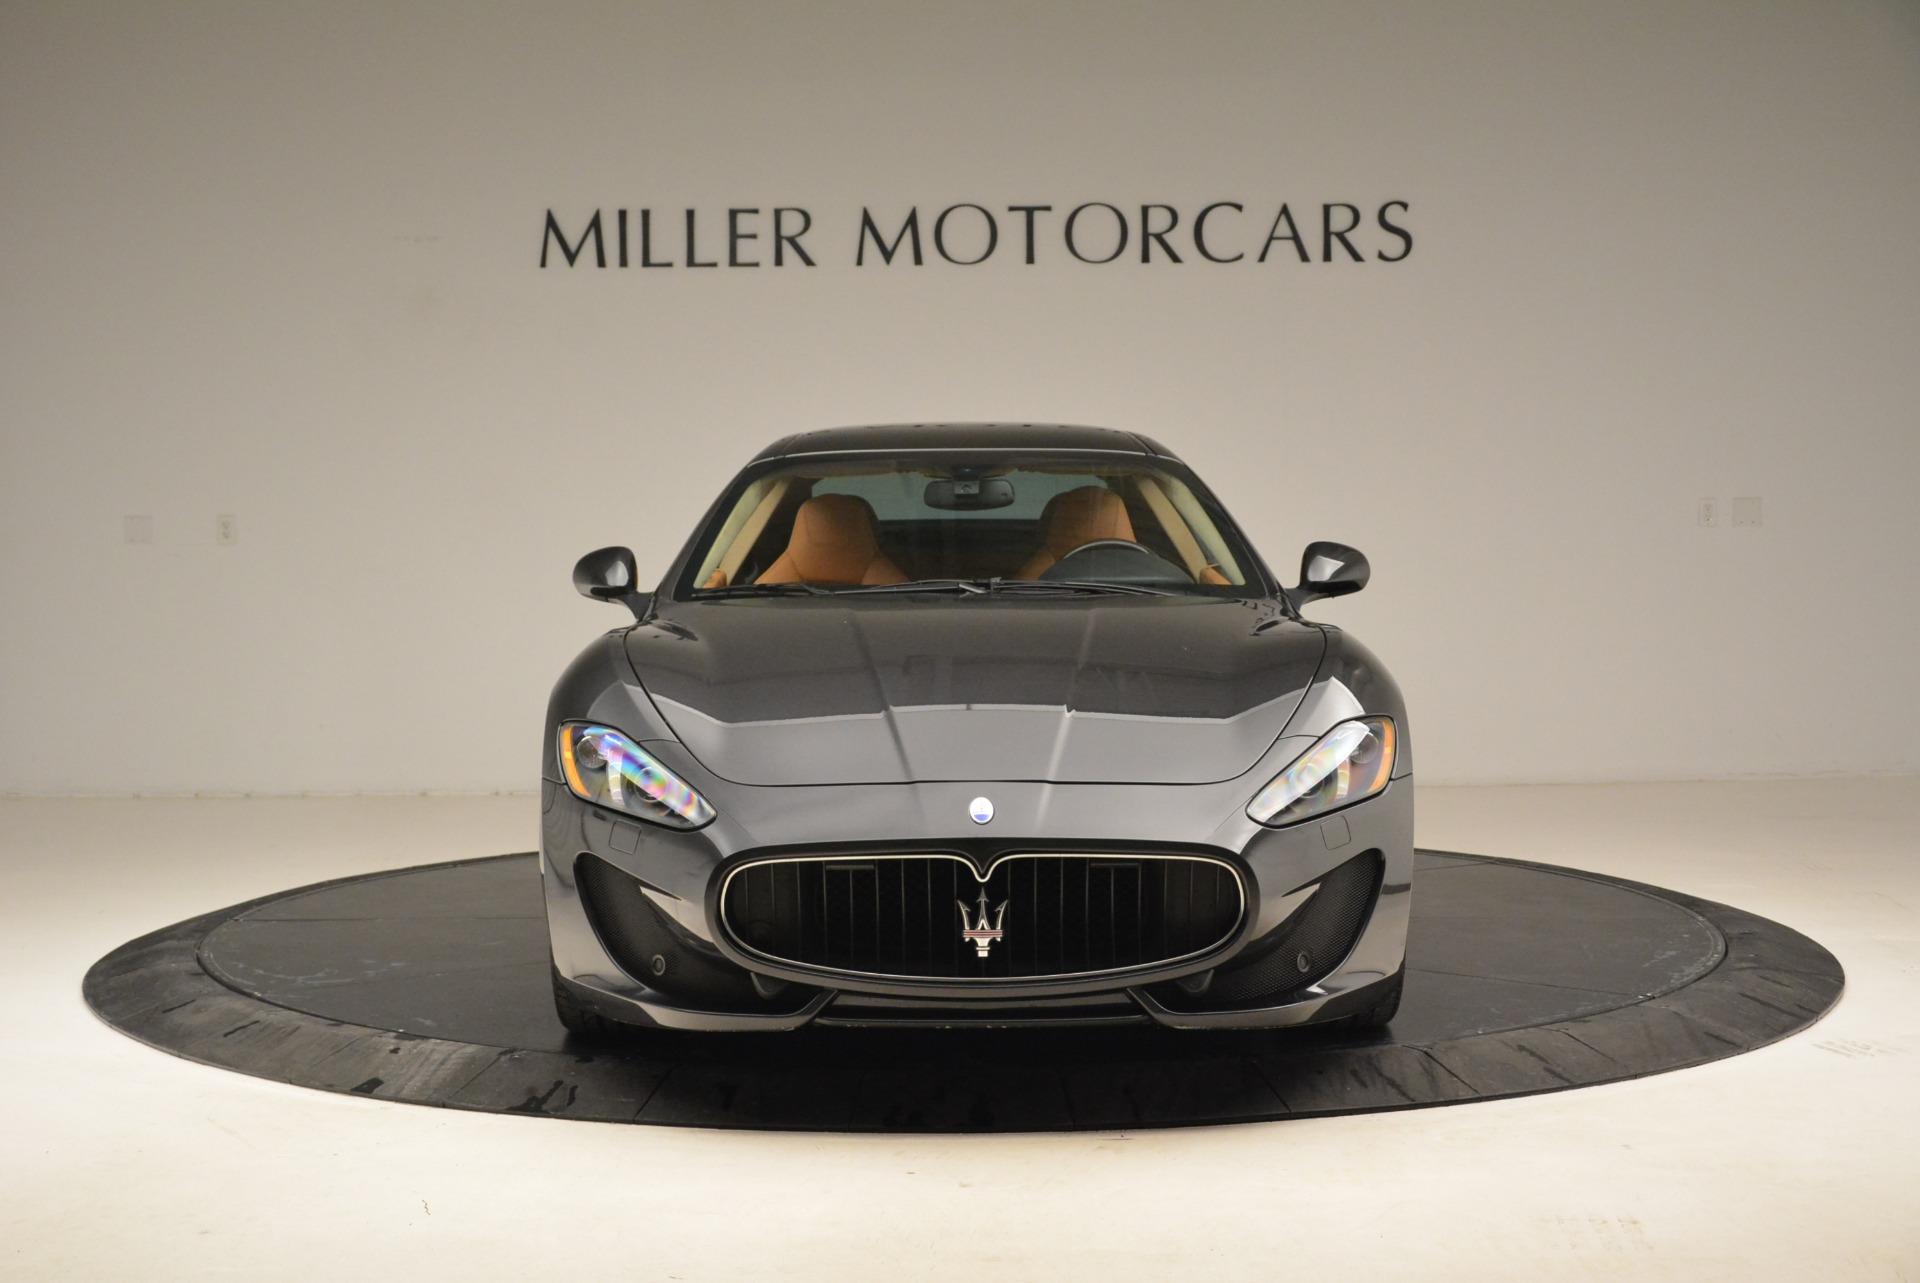 Used 2014 Maserati GranTurismo Sport For Sale In Greenwich, CT 2067_p11